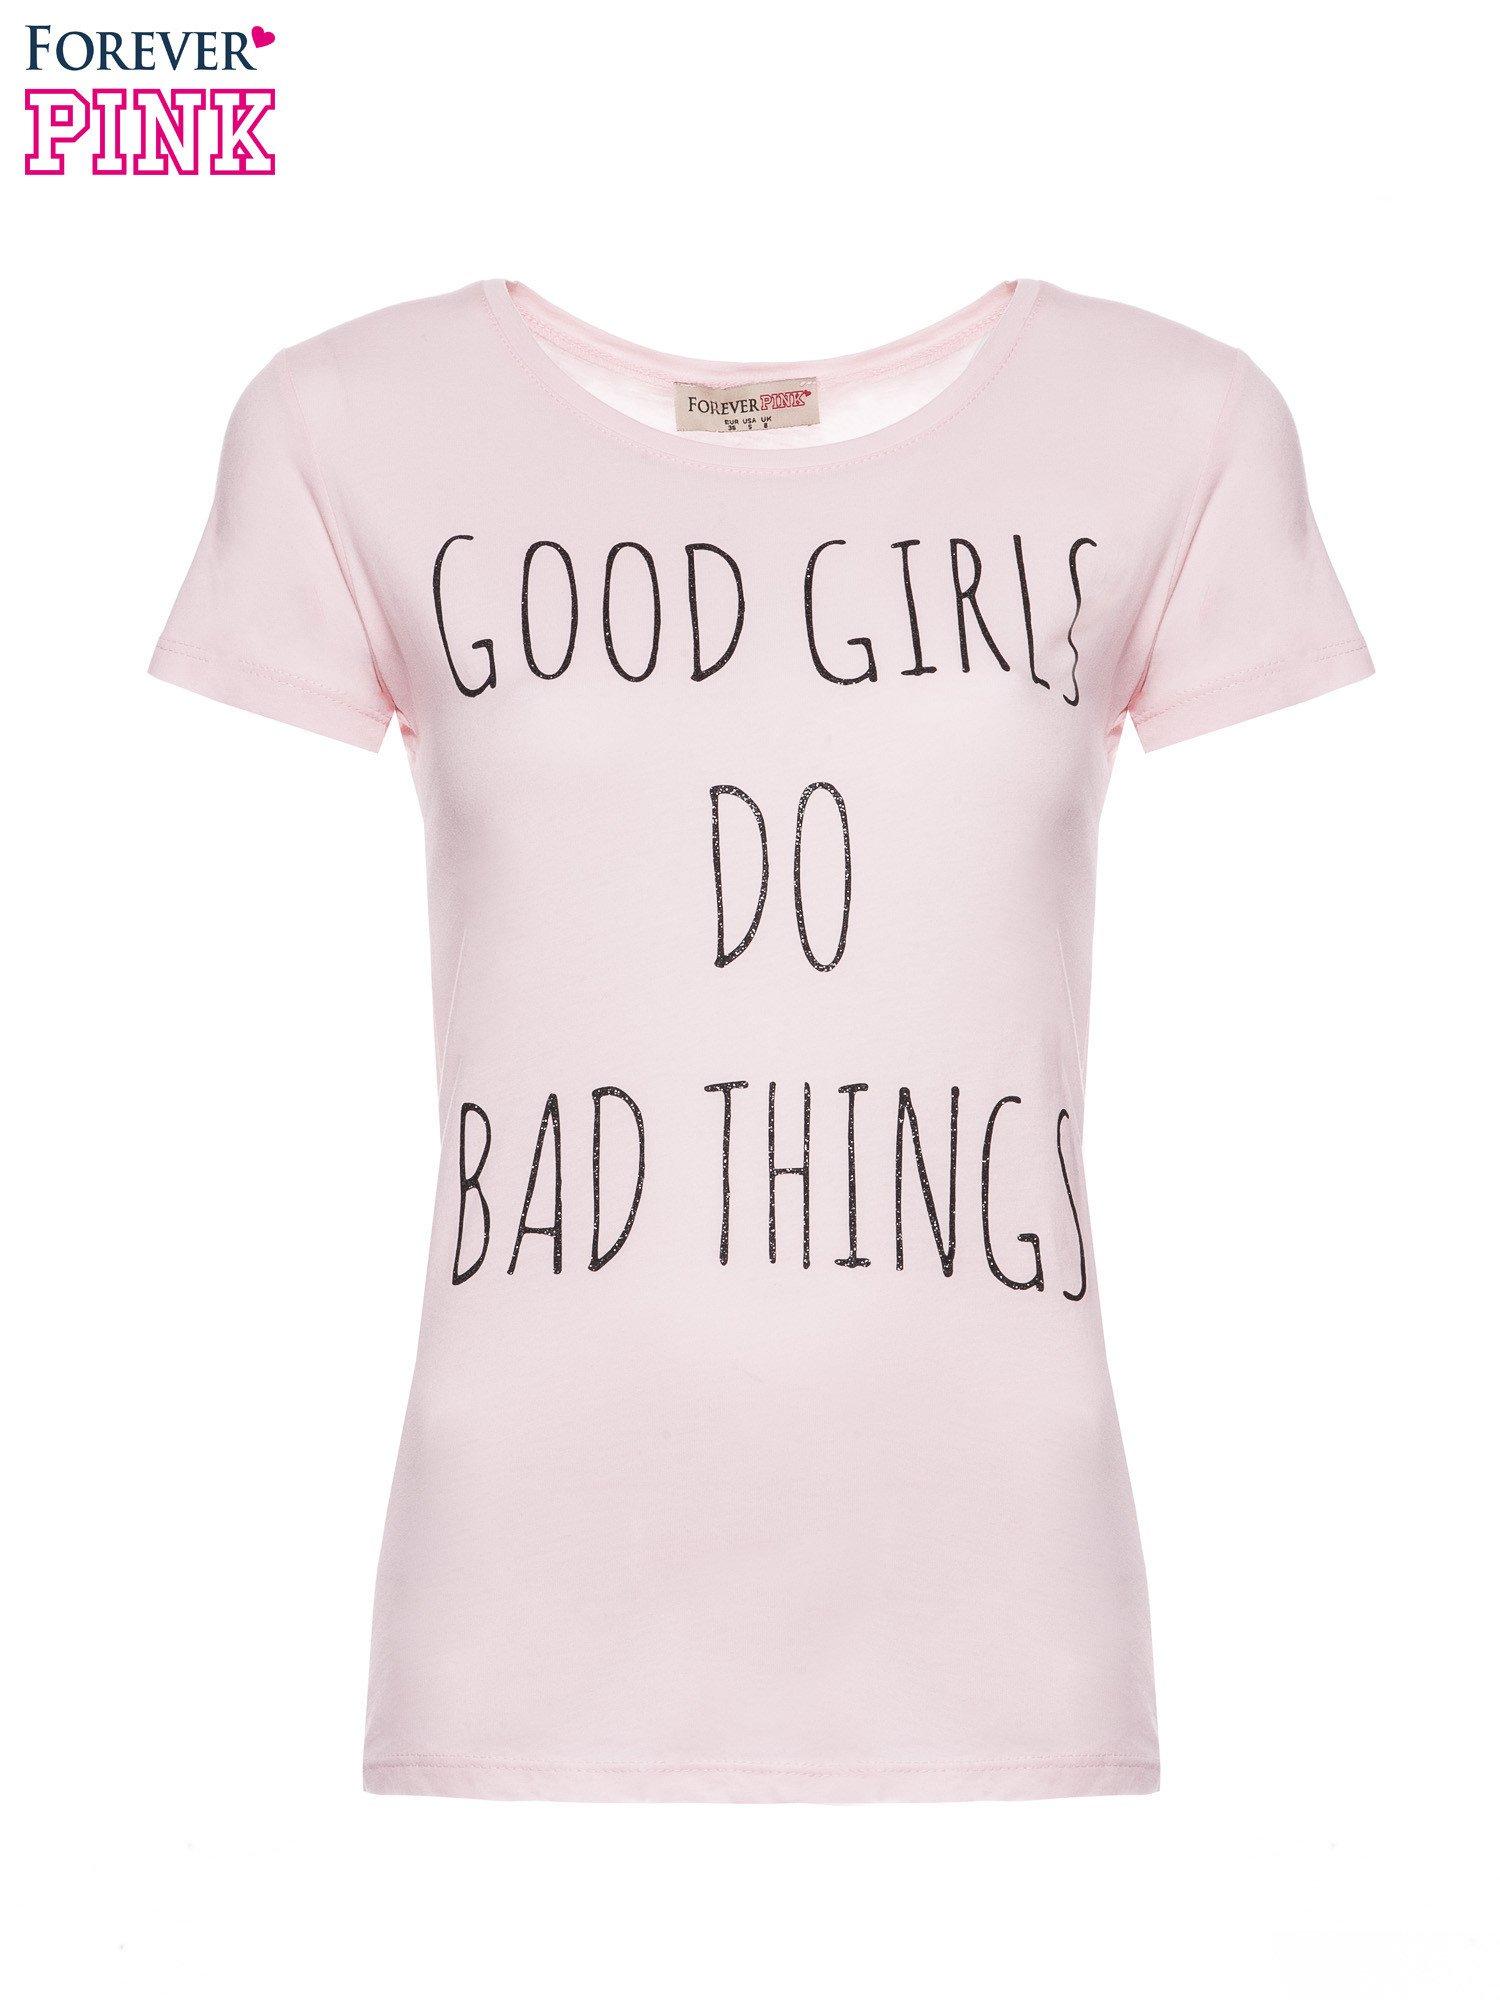 Jasnoróżowy t-shirt z nadrukiem GOOD GIRLS DO BAD THINGS                                  zdj.                                  2